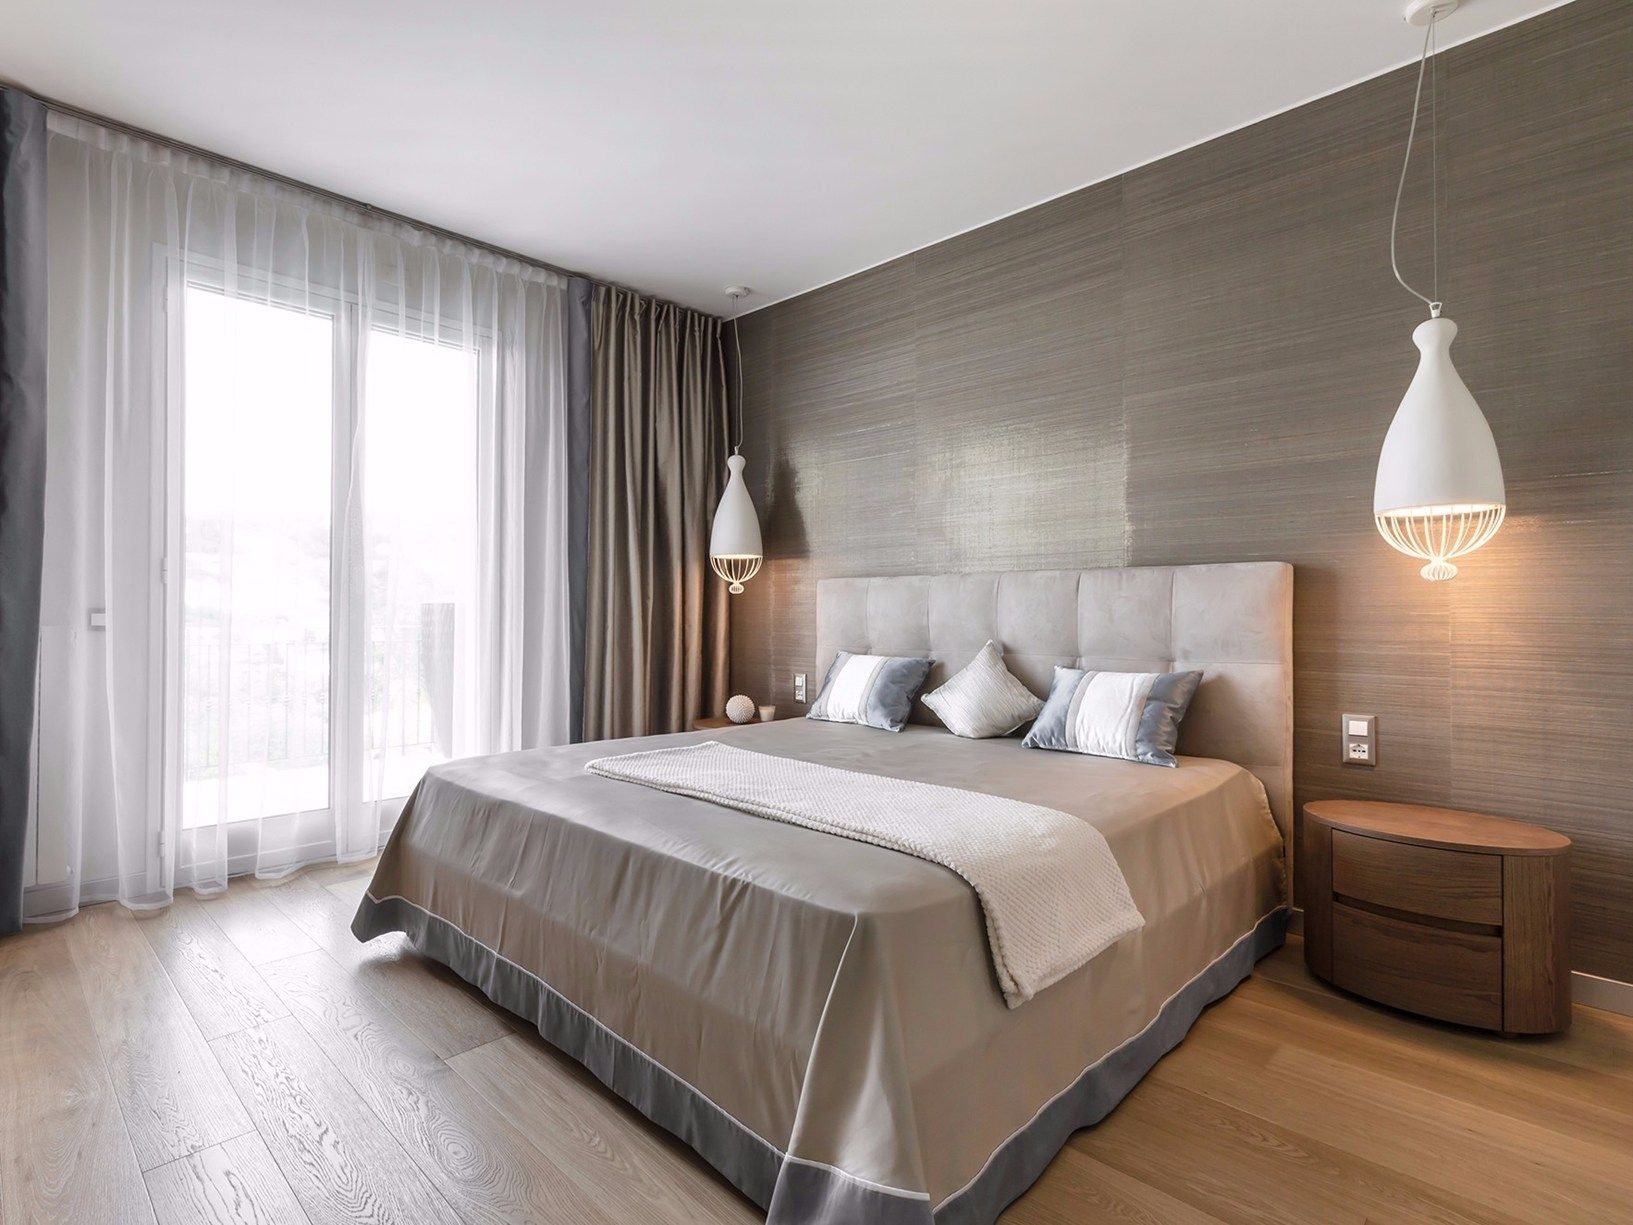 Illuminare l 39 angolo lettura in camera da letto for Abat jour moderne camera da letto